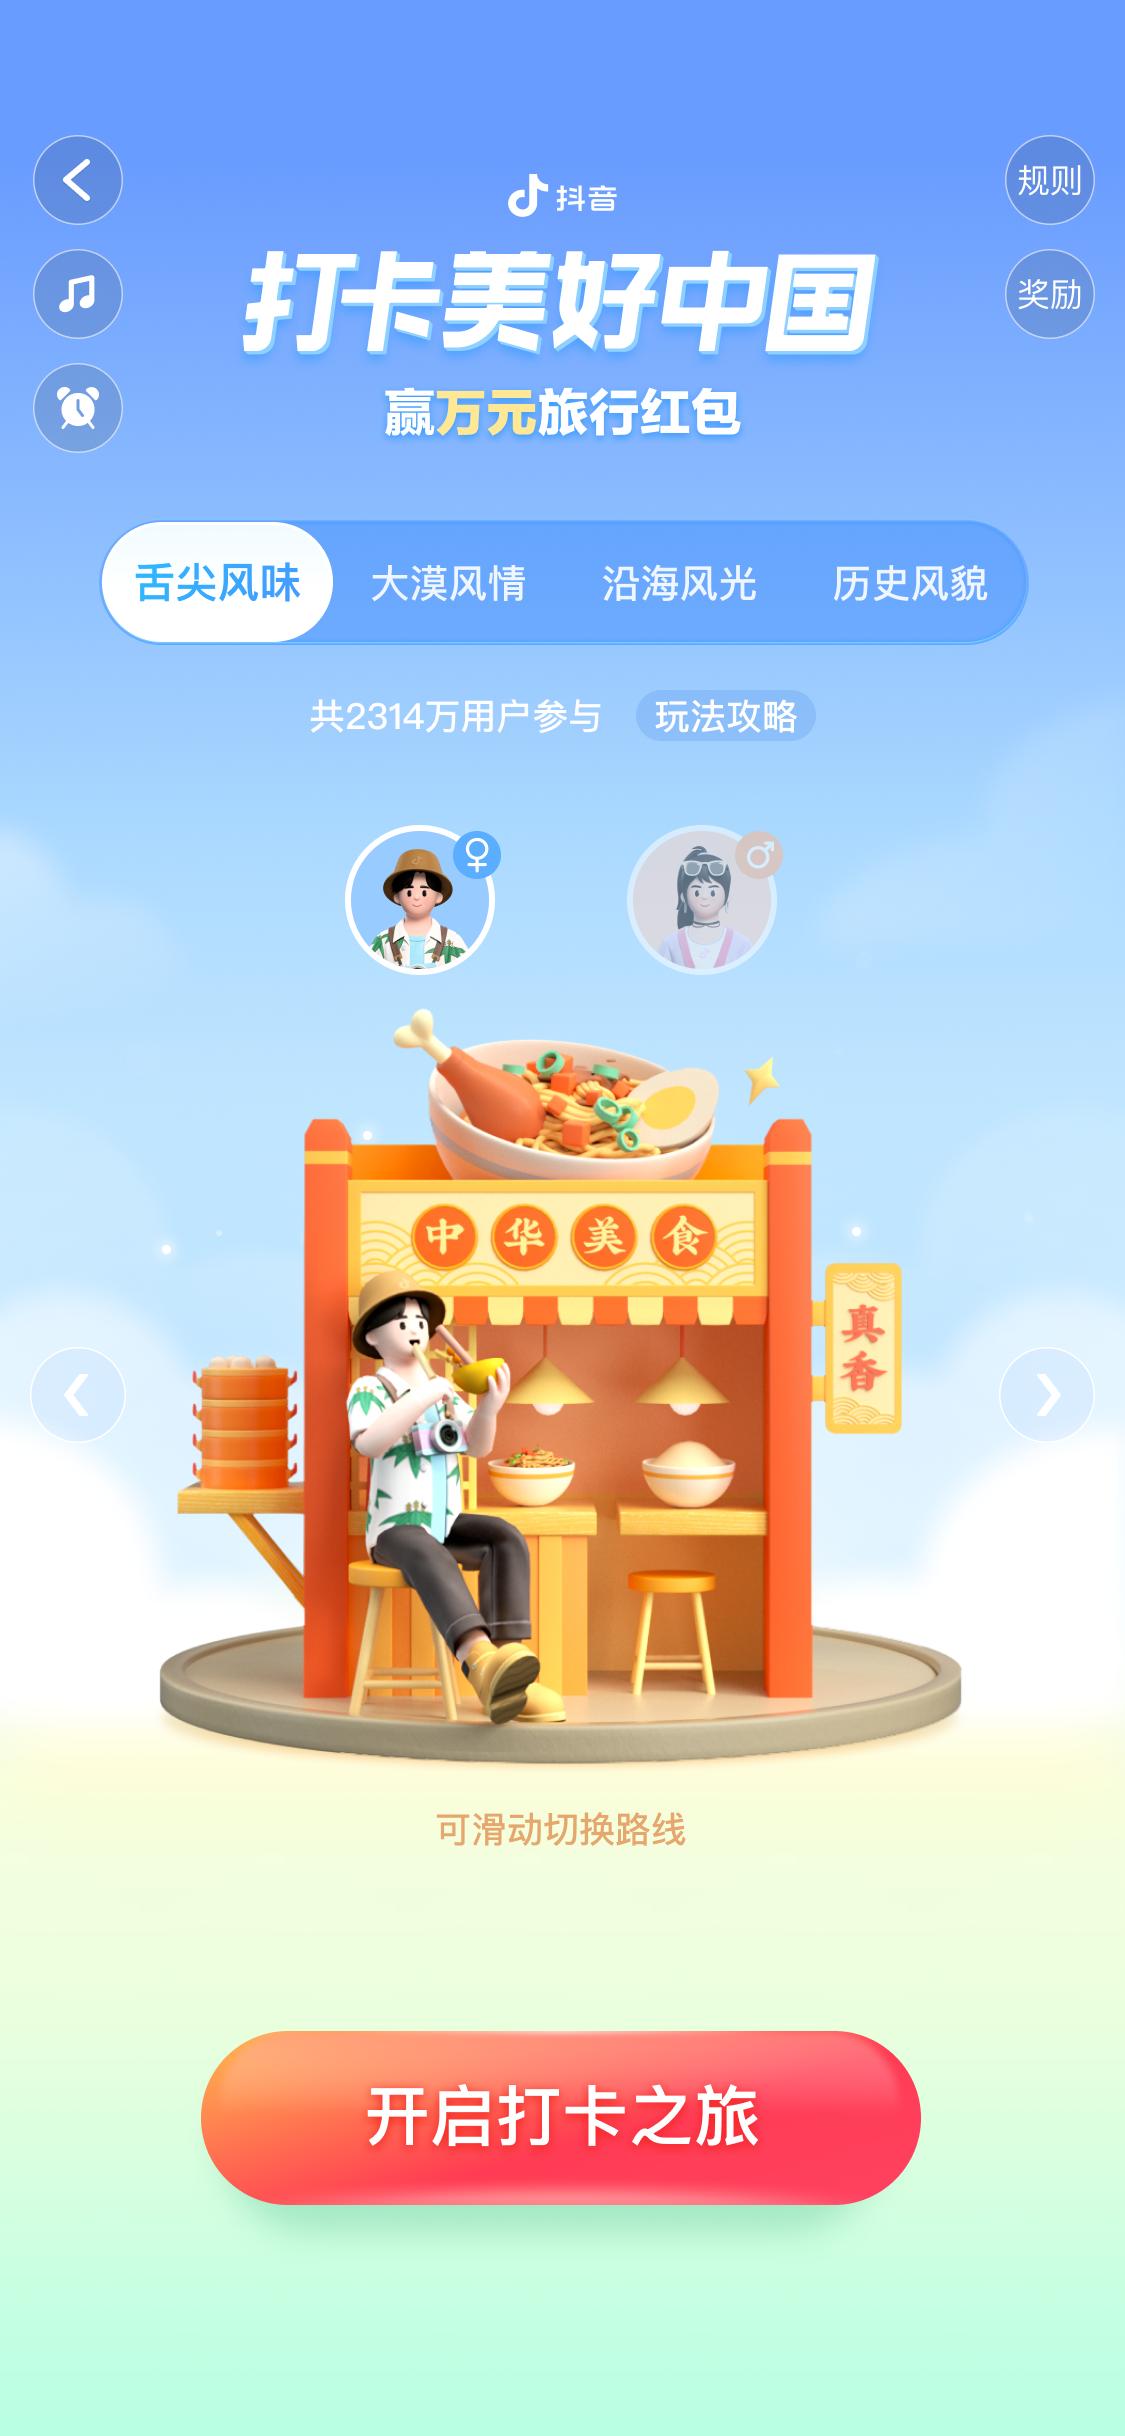 """抖音国庆""""打卡美好中国""""活动上线 美好掌心方寸之间"""